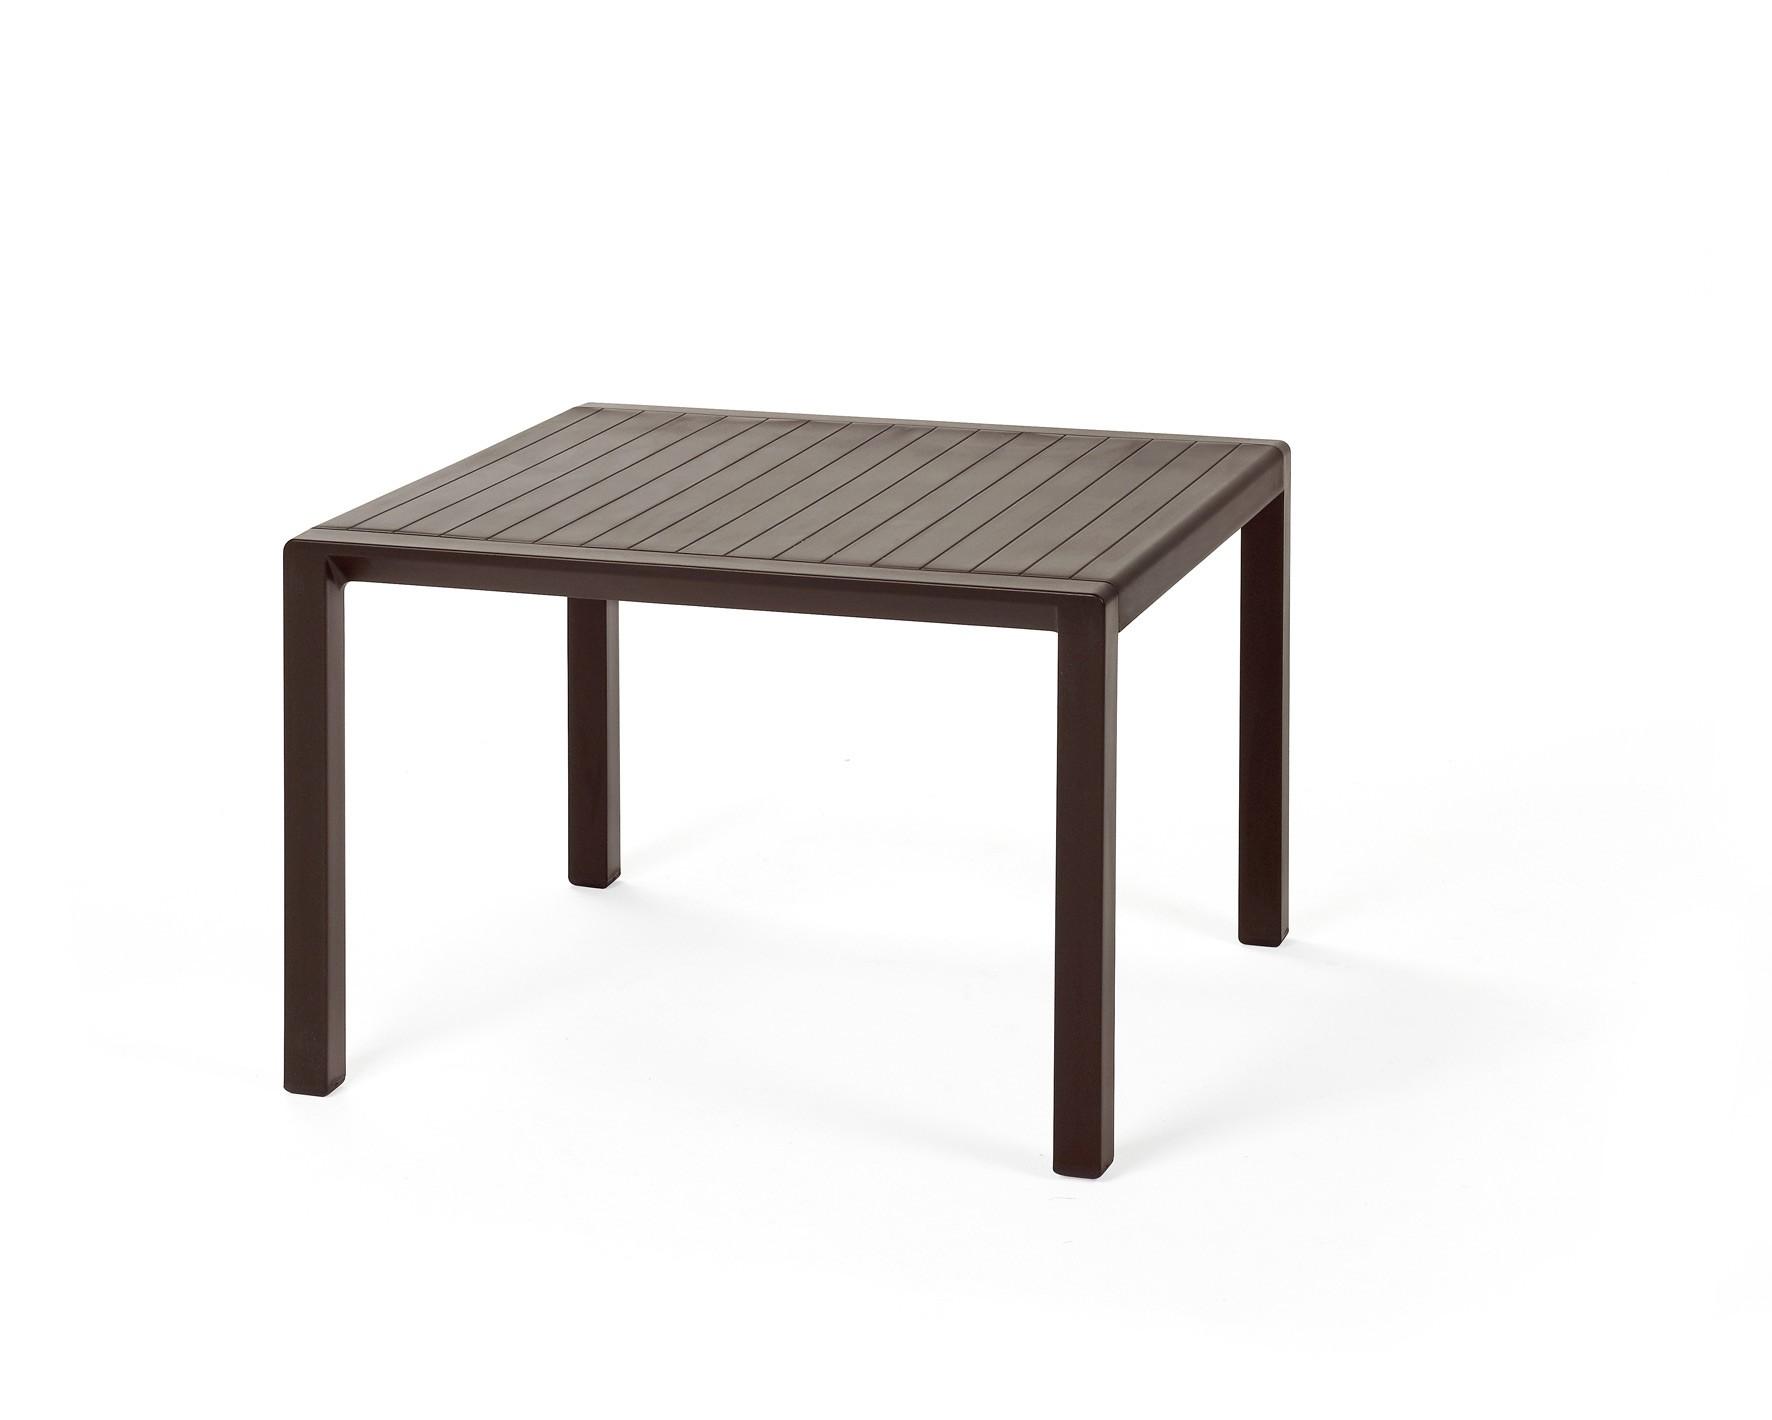 Gartentisch beistelltisch aria kunststoff kaffee 60x60cm for Beistelltisch kunststoff